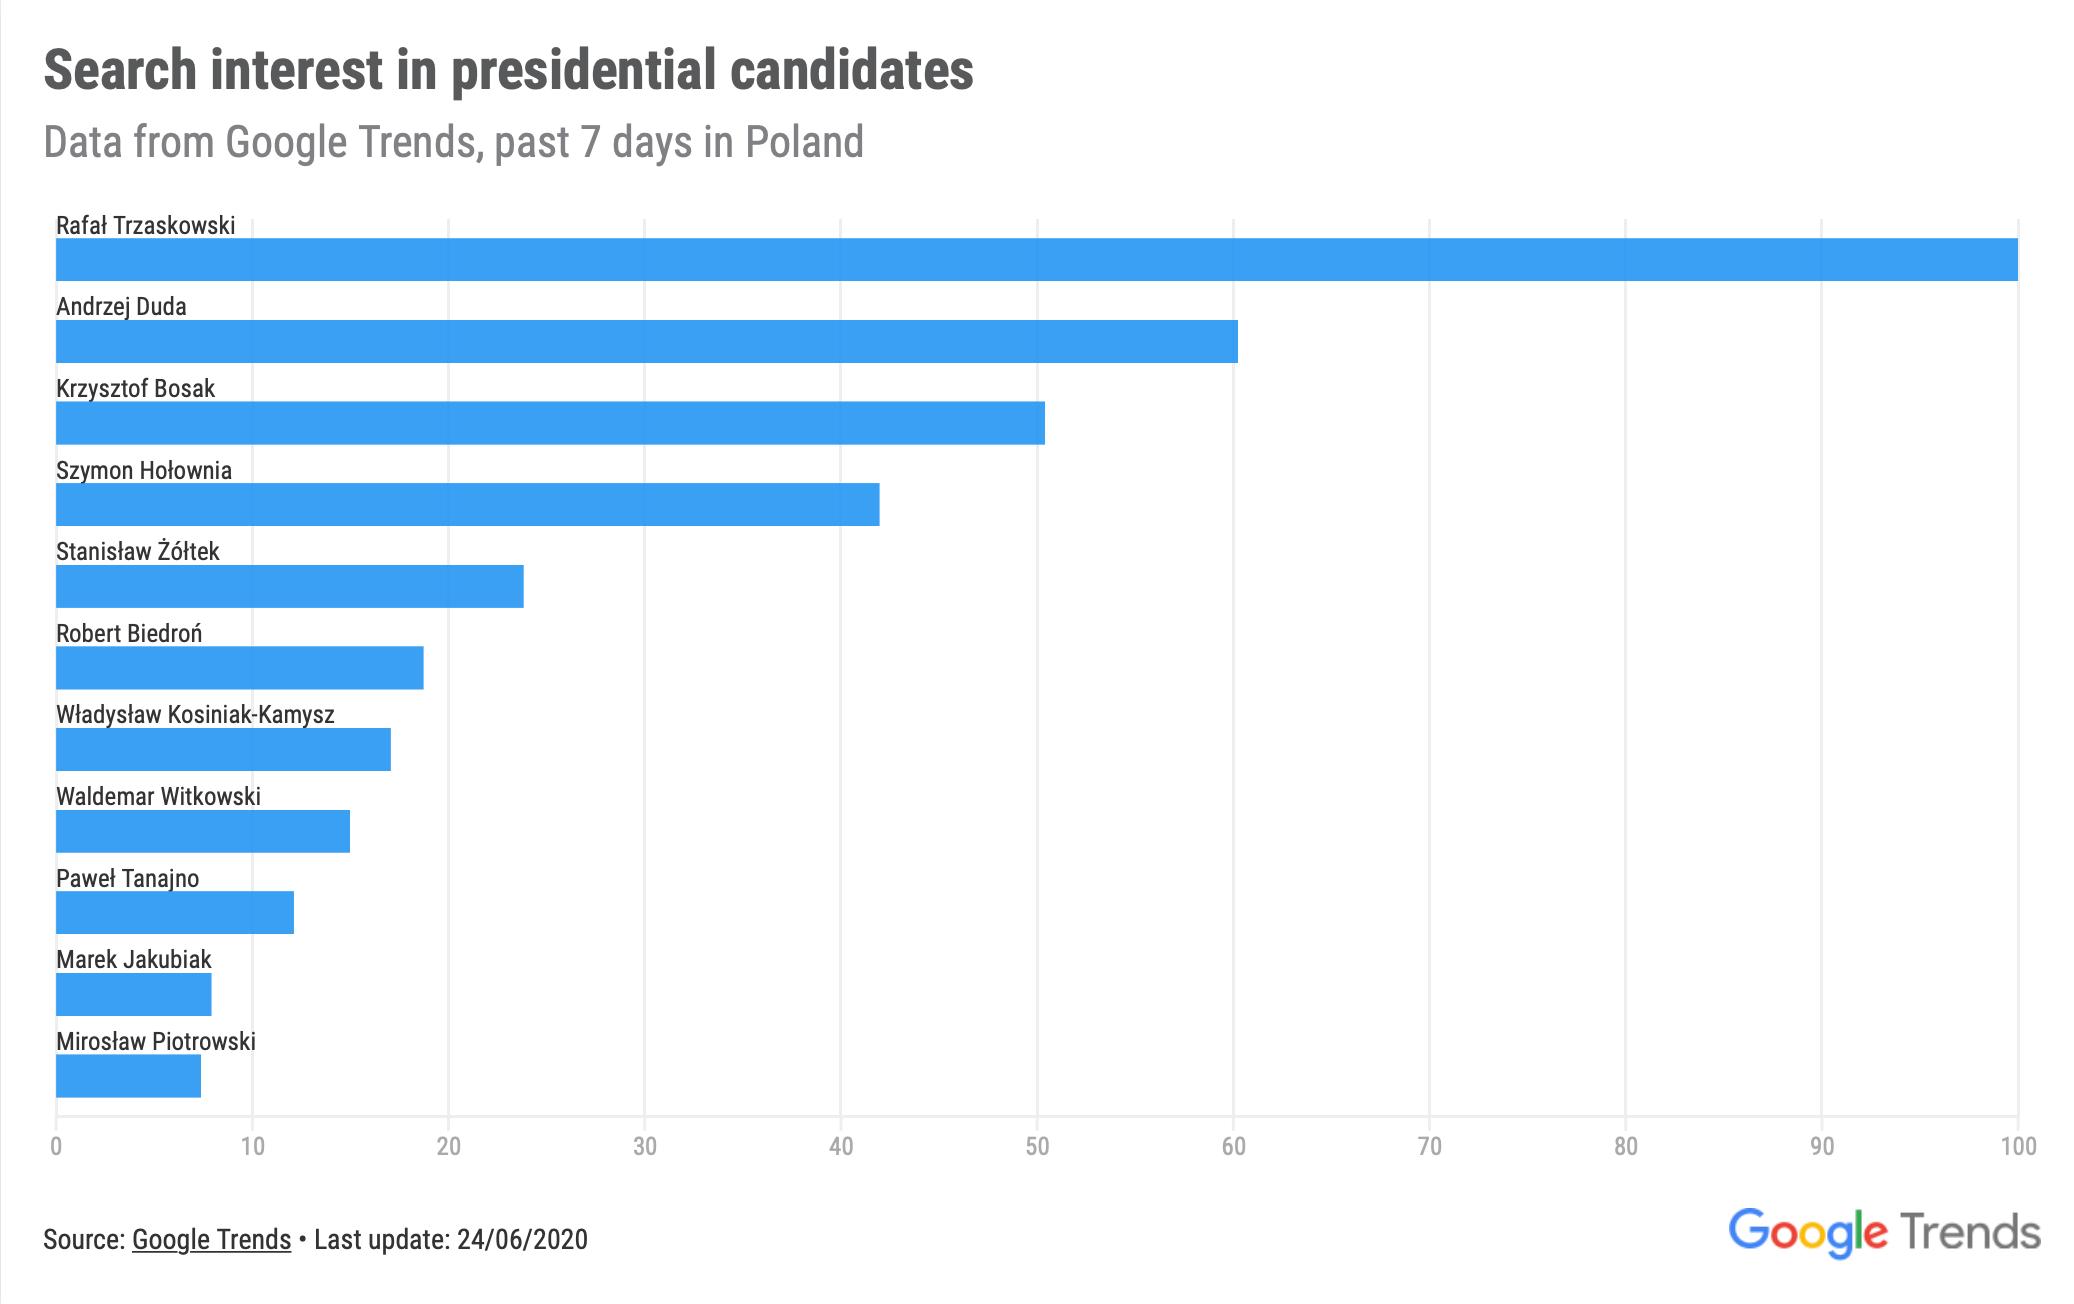 Wykres: Zainteresowanie wyszukiwaniem kandydatów na prezydenta Polski w 2020 roku (Google Trends)